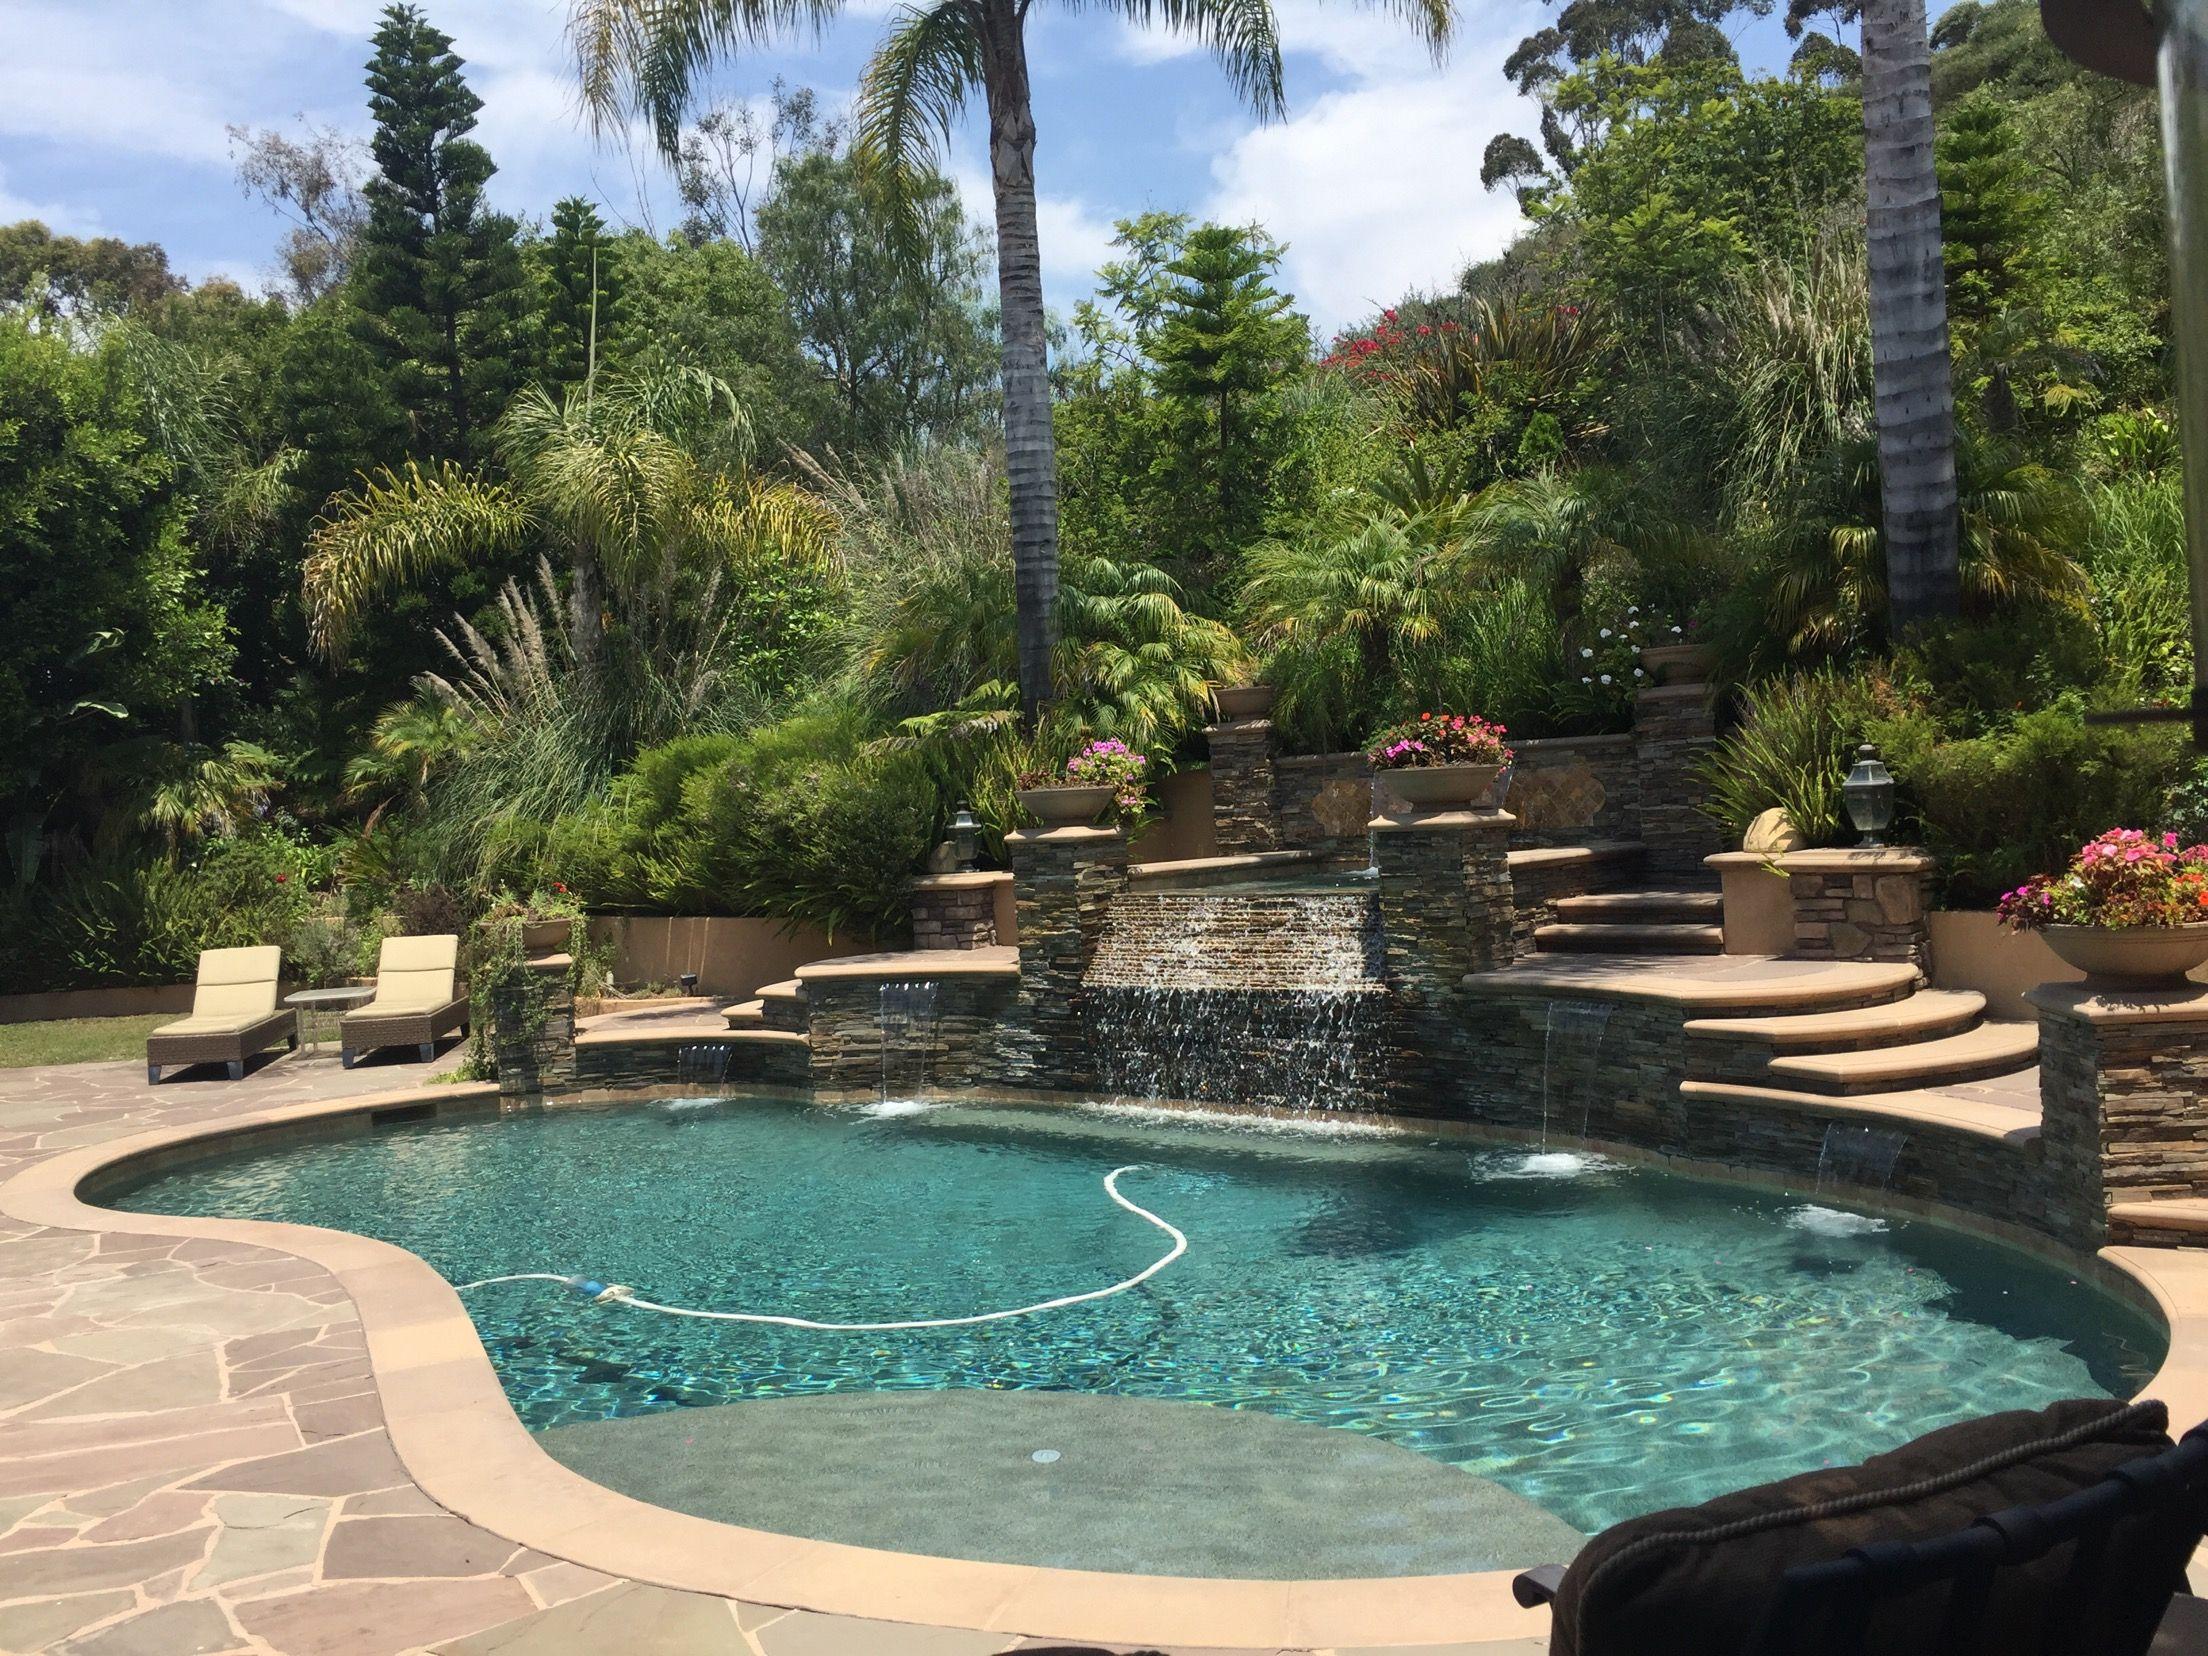 Gartenideen Mit Pool Moderne Gartengestaltung Mit Grossem Pool Und